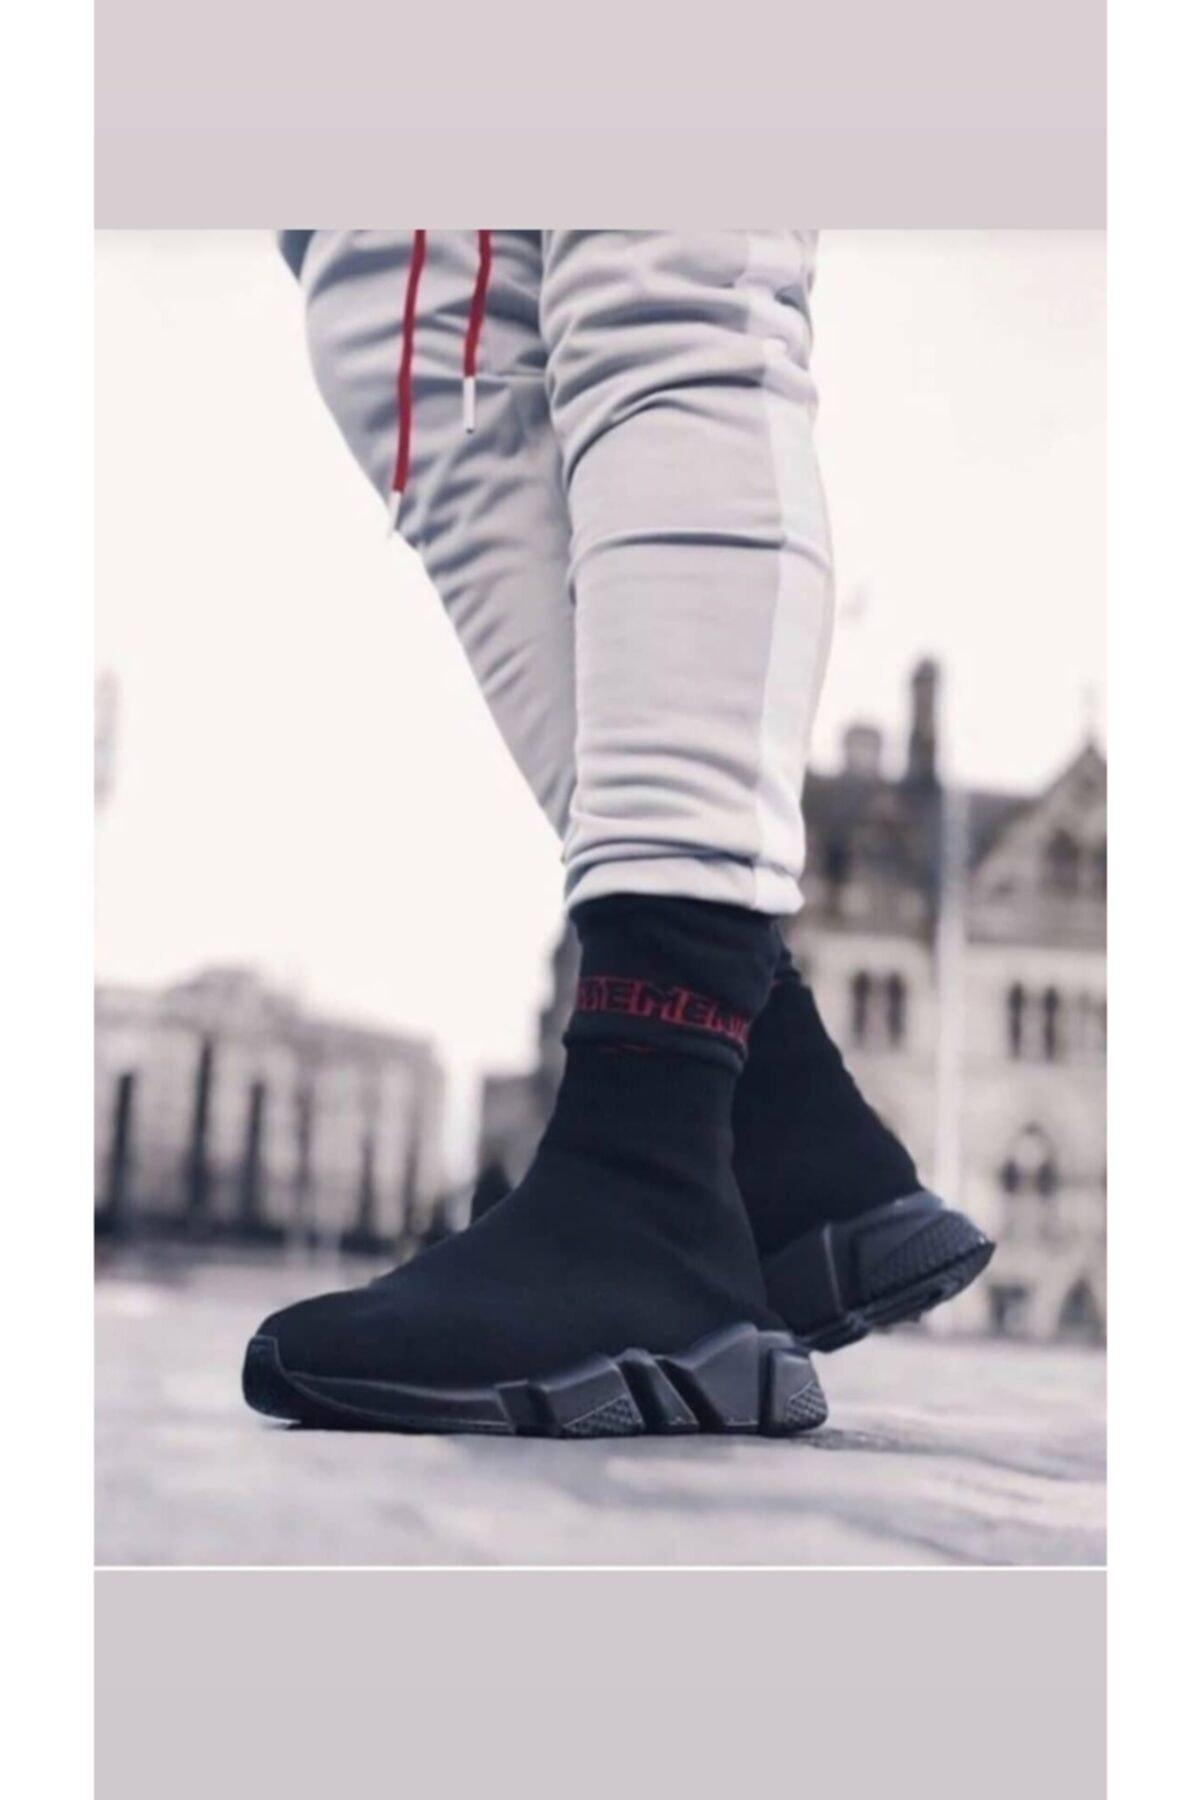 MİRKET Unisex Siyah Çorap Siyah Taban Sneakers Ayakkabı 1